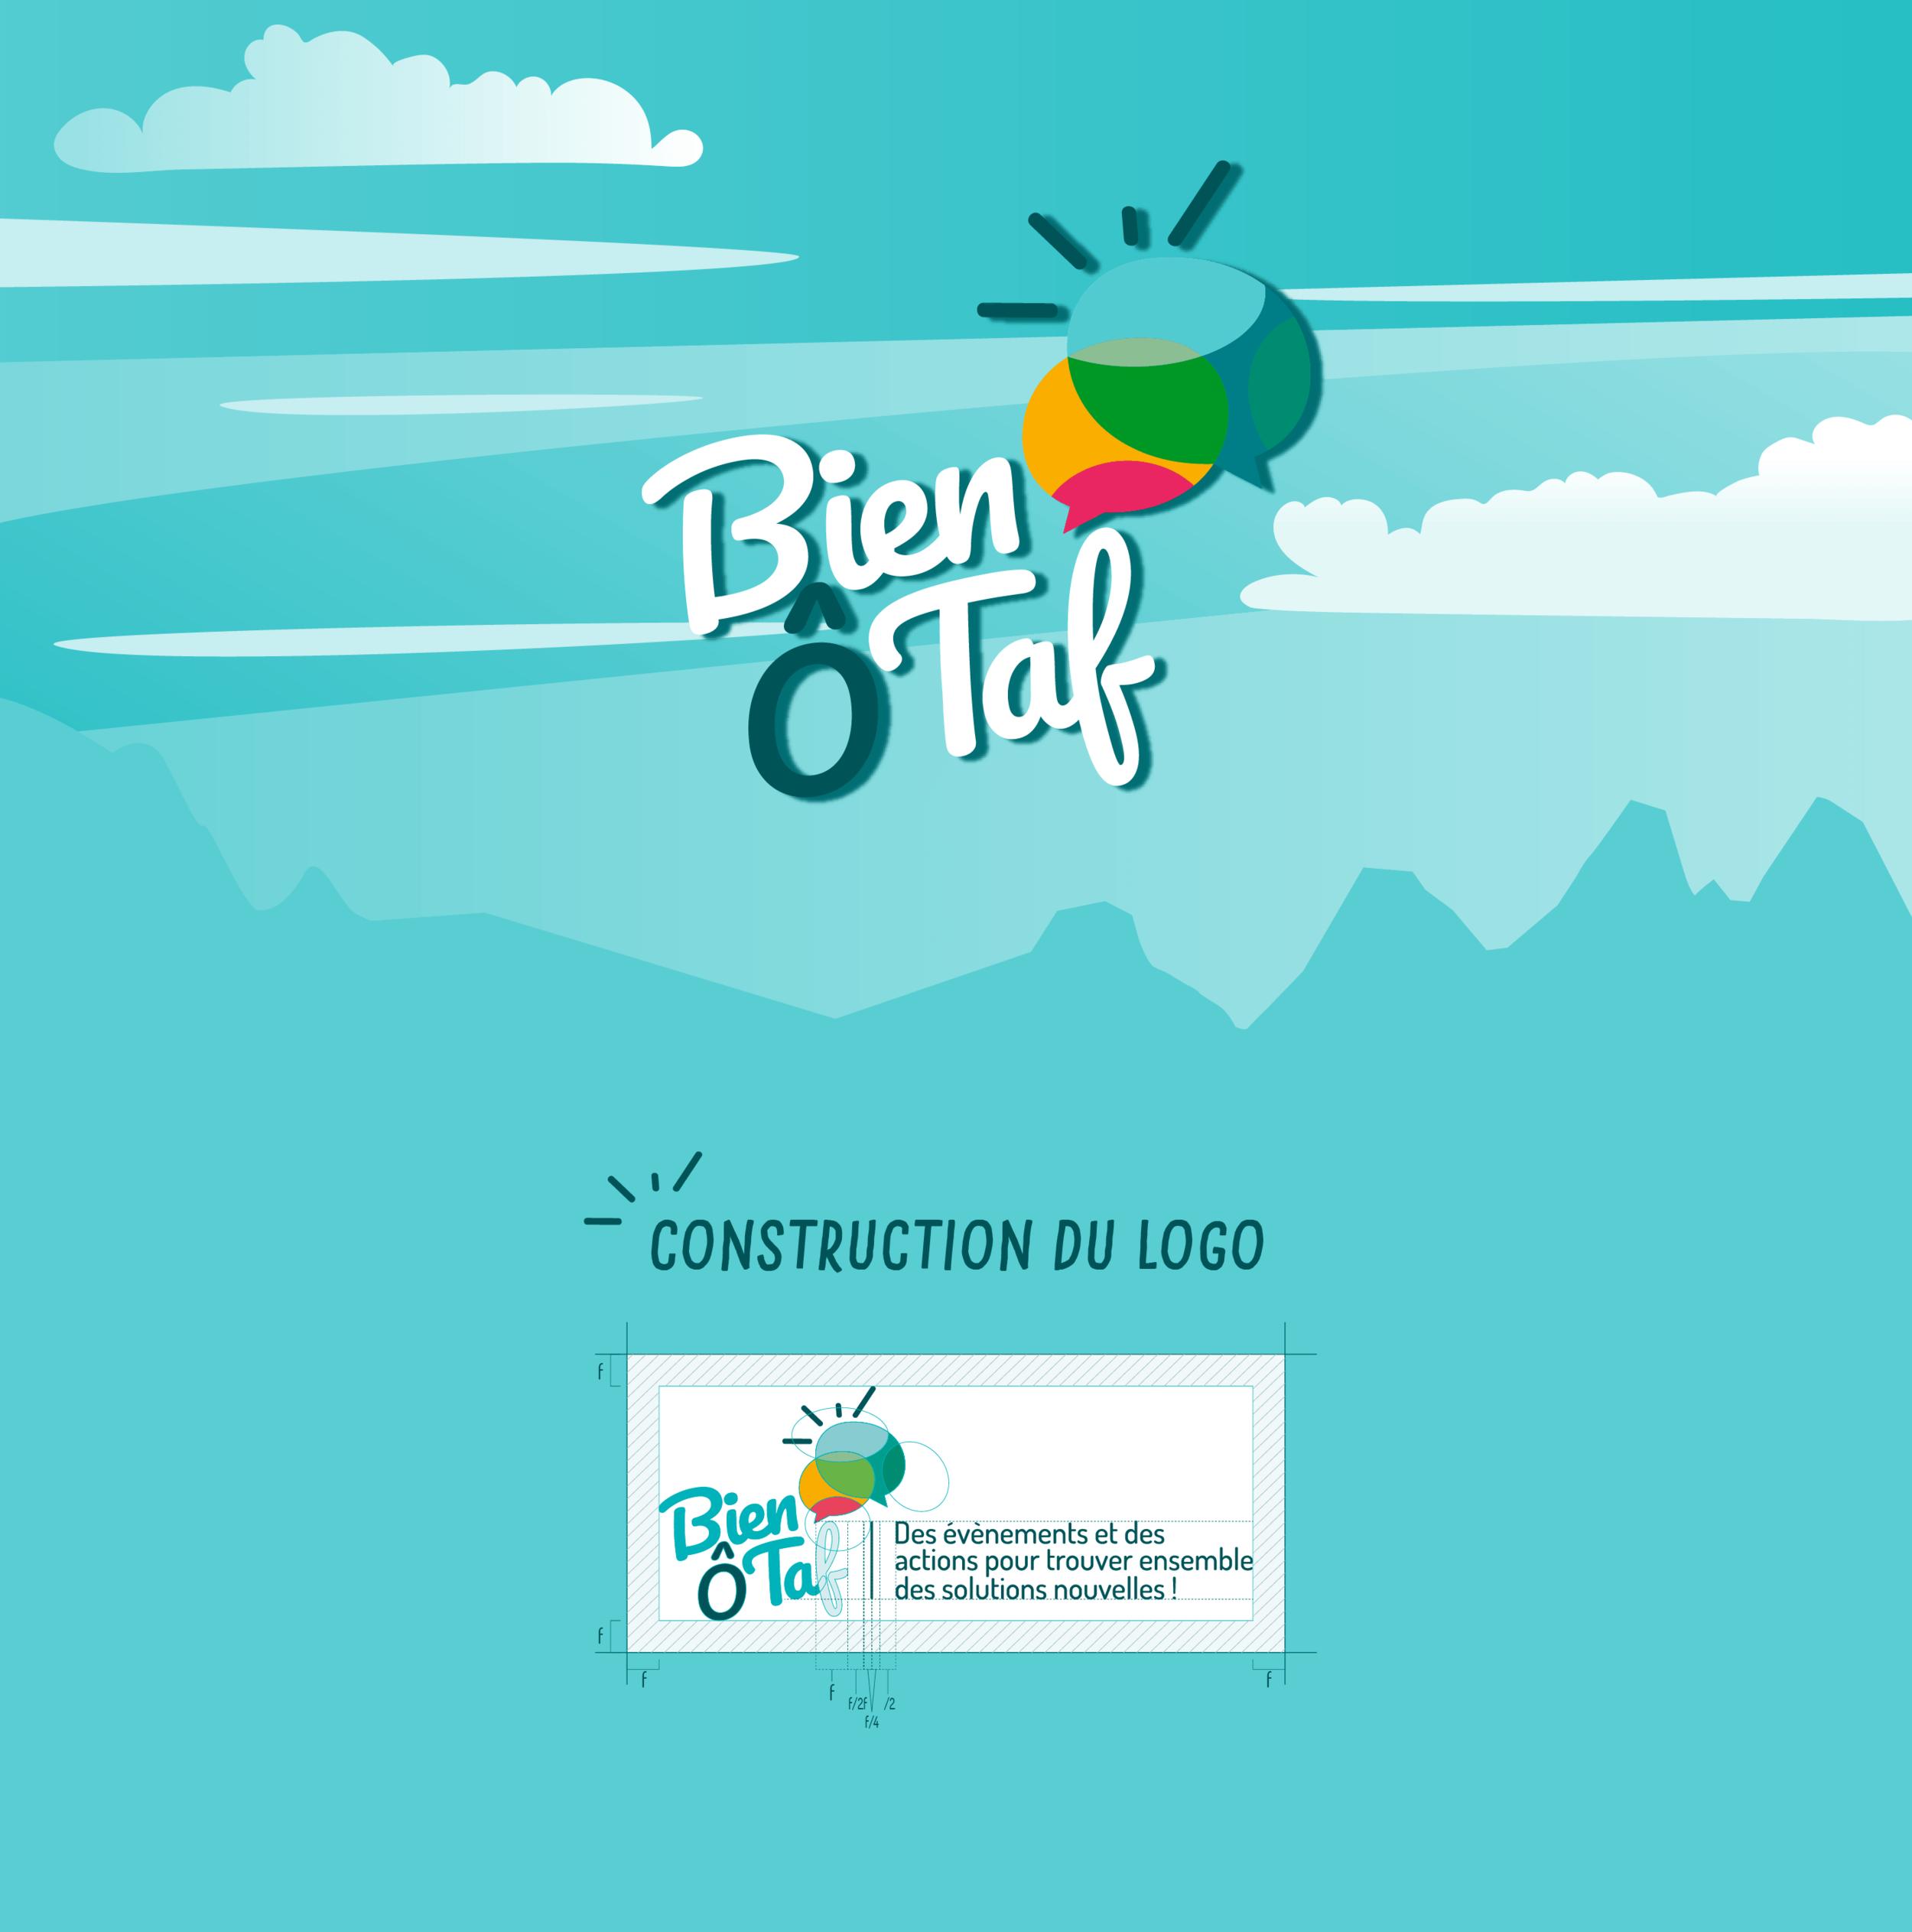 bienotaf_identite_visuelle_design_graphique_construction_du_logo_presentation.png